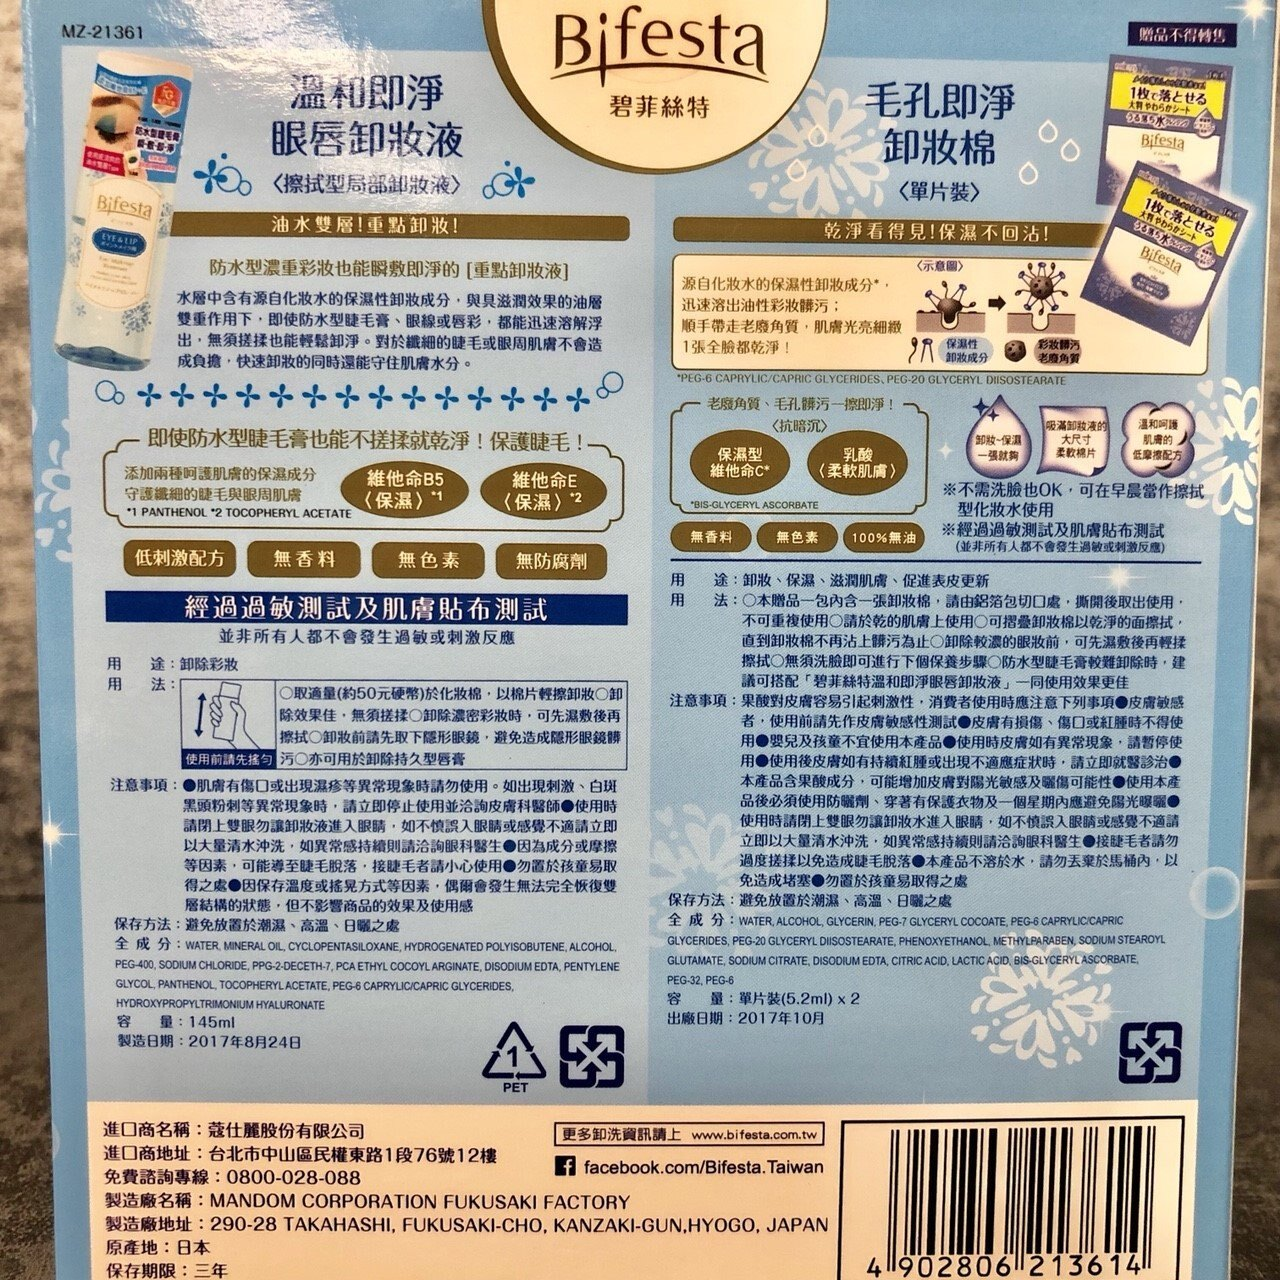 碧菲絲特 BIFESTA CX(組合)溫和即淨眼唇卸妝液◐香水綁馬尾◐